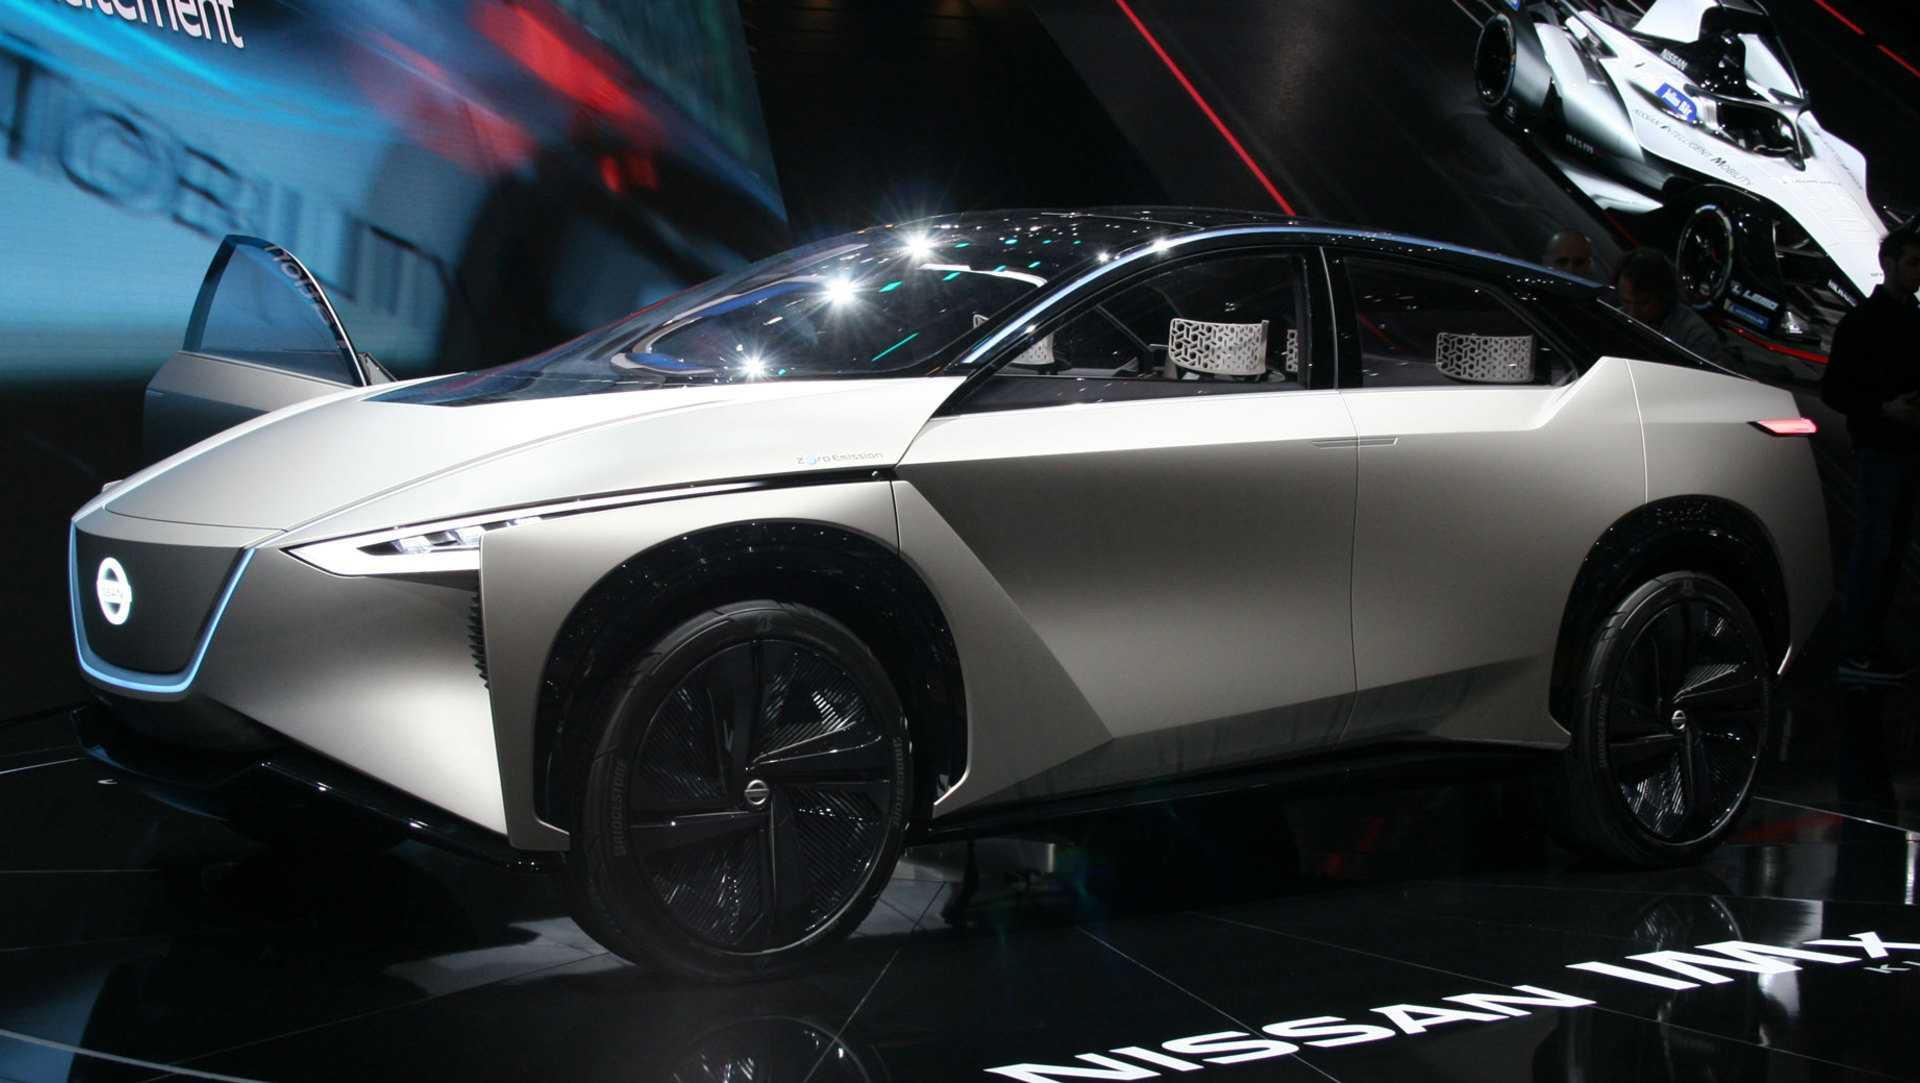 Рейтинг автомобилей по соотношению цены и качества 2020 года